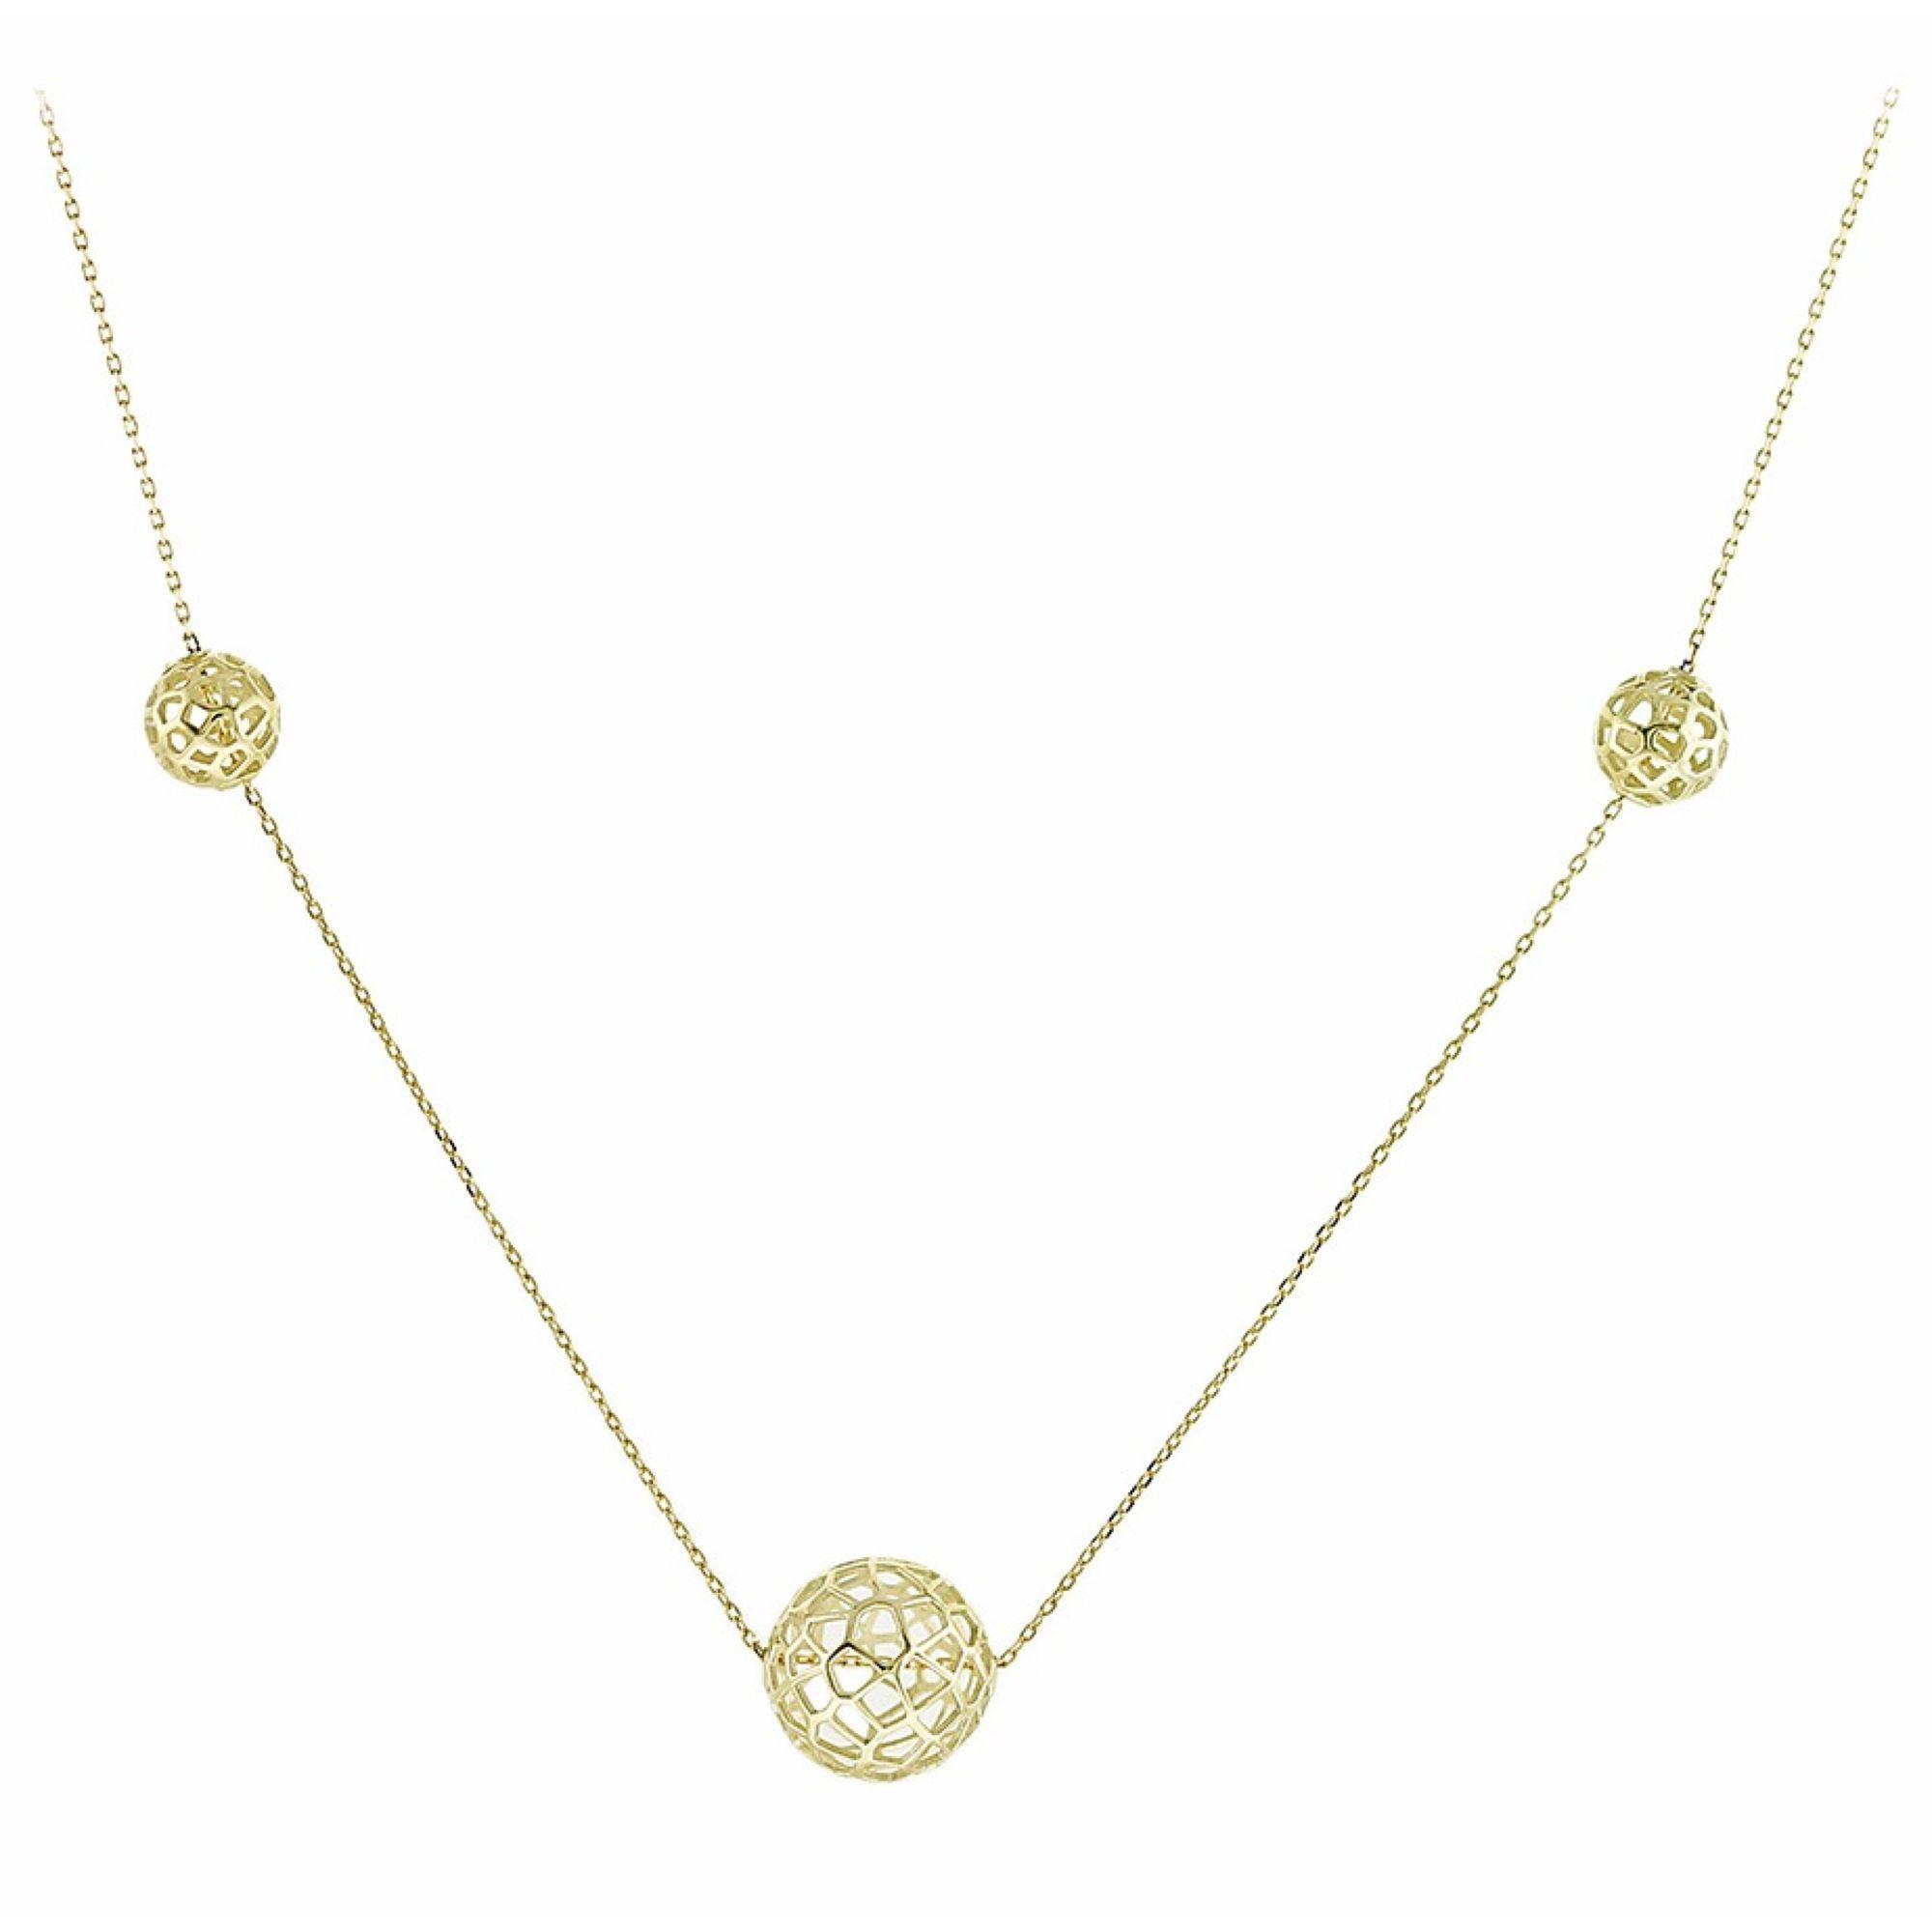 Χρυσό κολιέ 9 καρατίων από κίτρινο χρυσό με 3 στρόγγυλα στοιχεία.